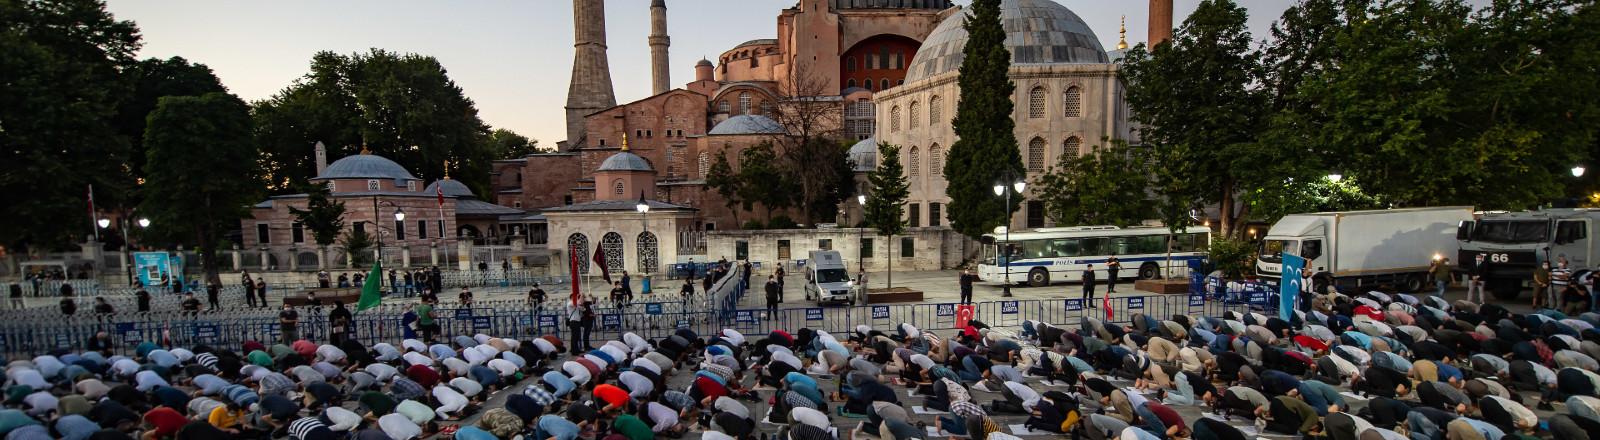 10.07.2020, Türkei, Istanbul: Zahlreiche Muslime versammeln sich vor der Hagia Sophia zum Abendgebet nach der Gerichtsentscheidung zur Umwandlung der Hagia Sophia von einem reinen Museum in eine Moschee.